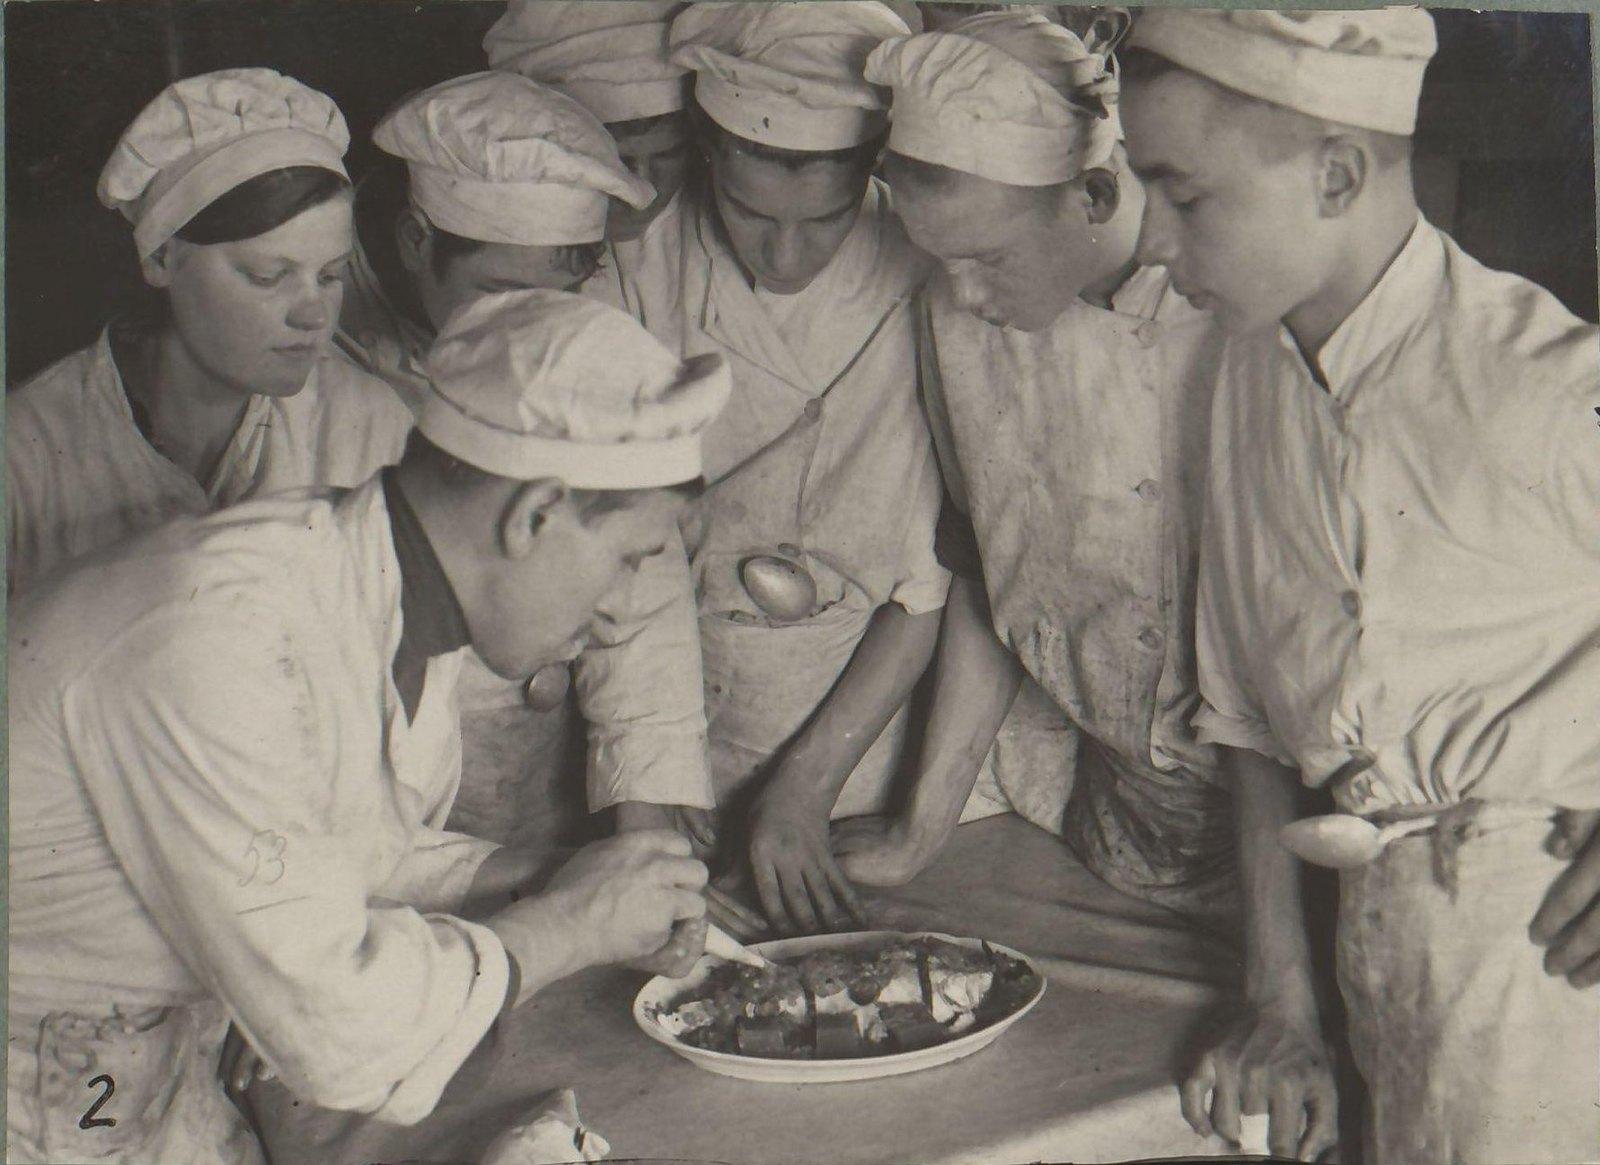 Московская обл. Кимрский райпотребсоюз открыл двухлетнюю школу подготовки поваров. Группа курсантов на практических занятиях в столовой Горпо